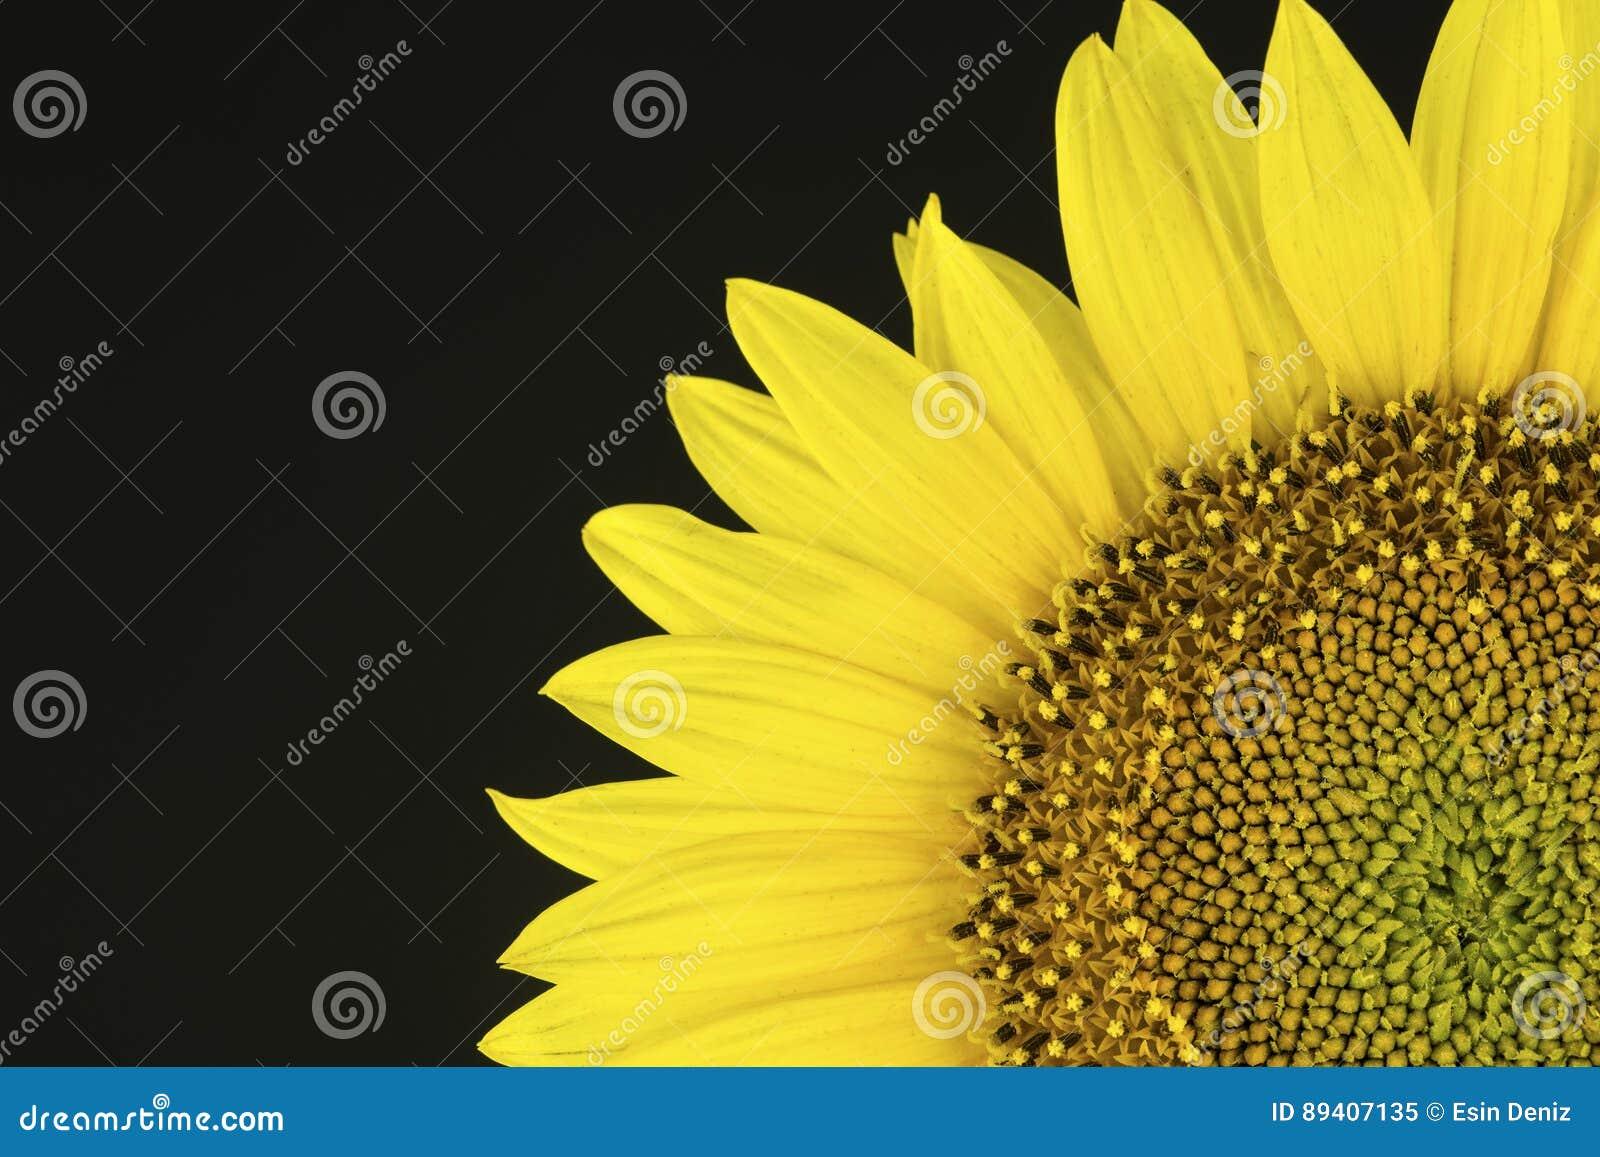 Die Sonnenblume auf dem schwarzen Hintergrund